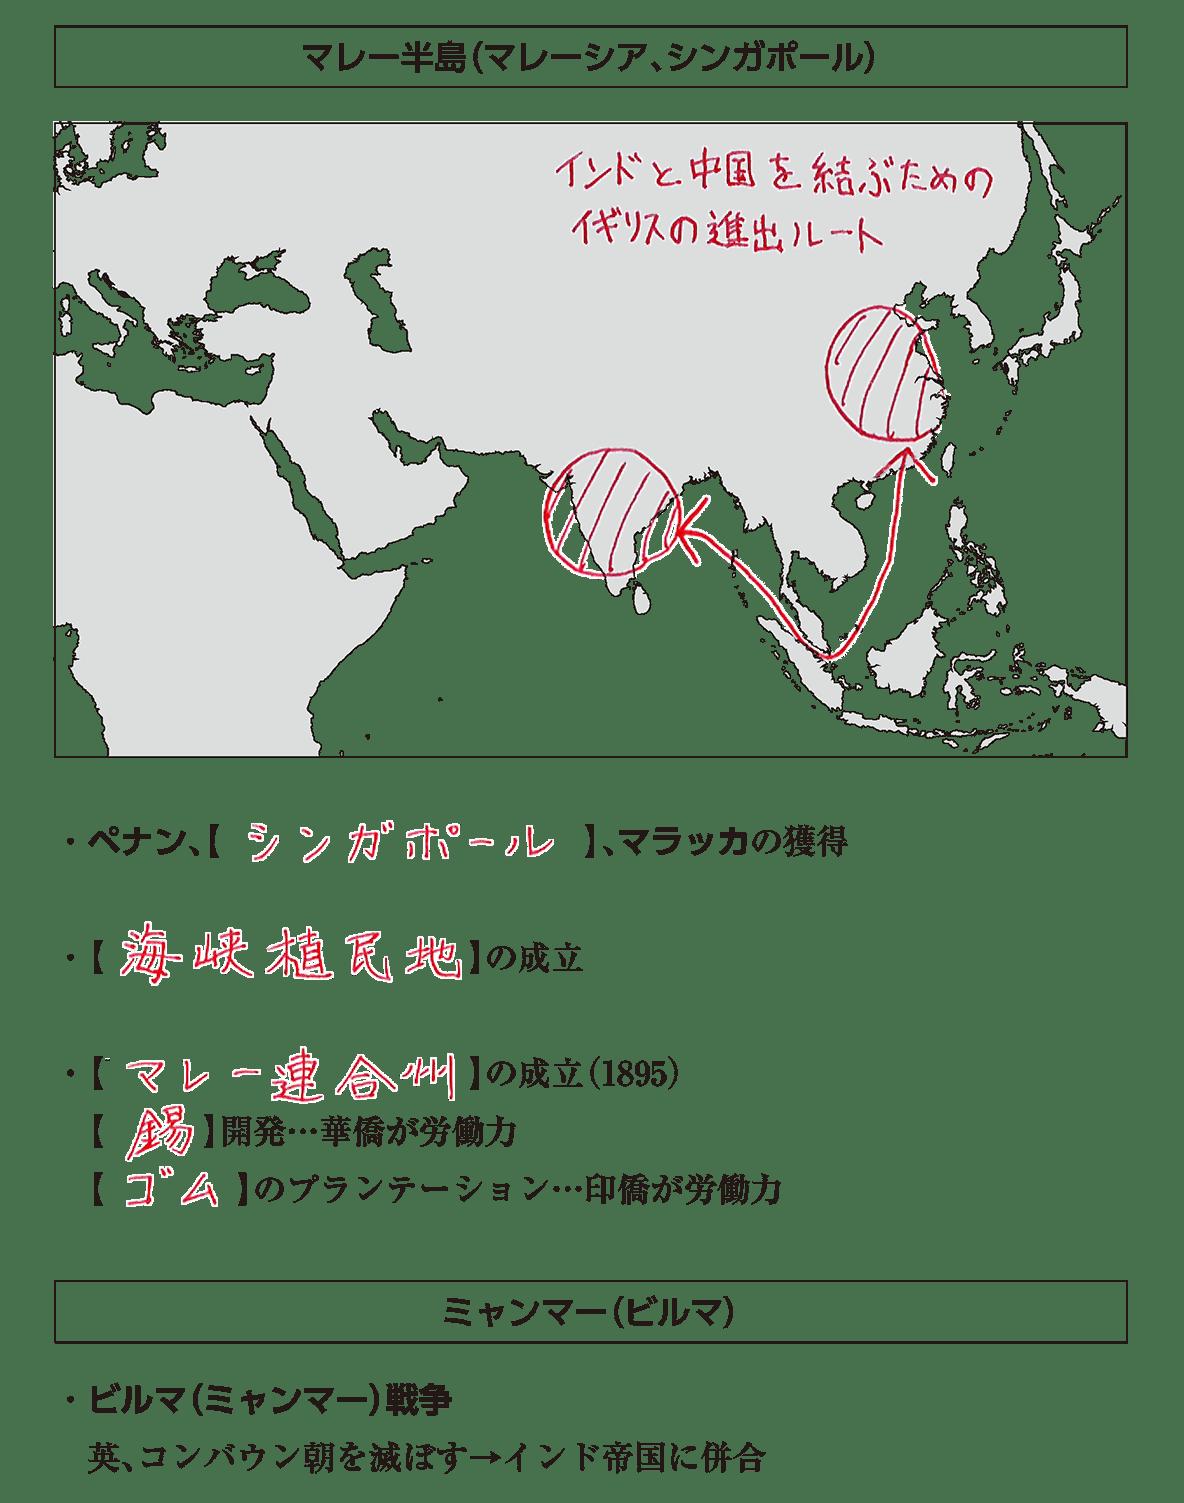 アジア諸地域の植民地化2 ポイント2 答え全部